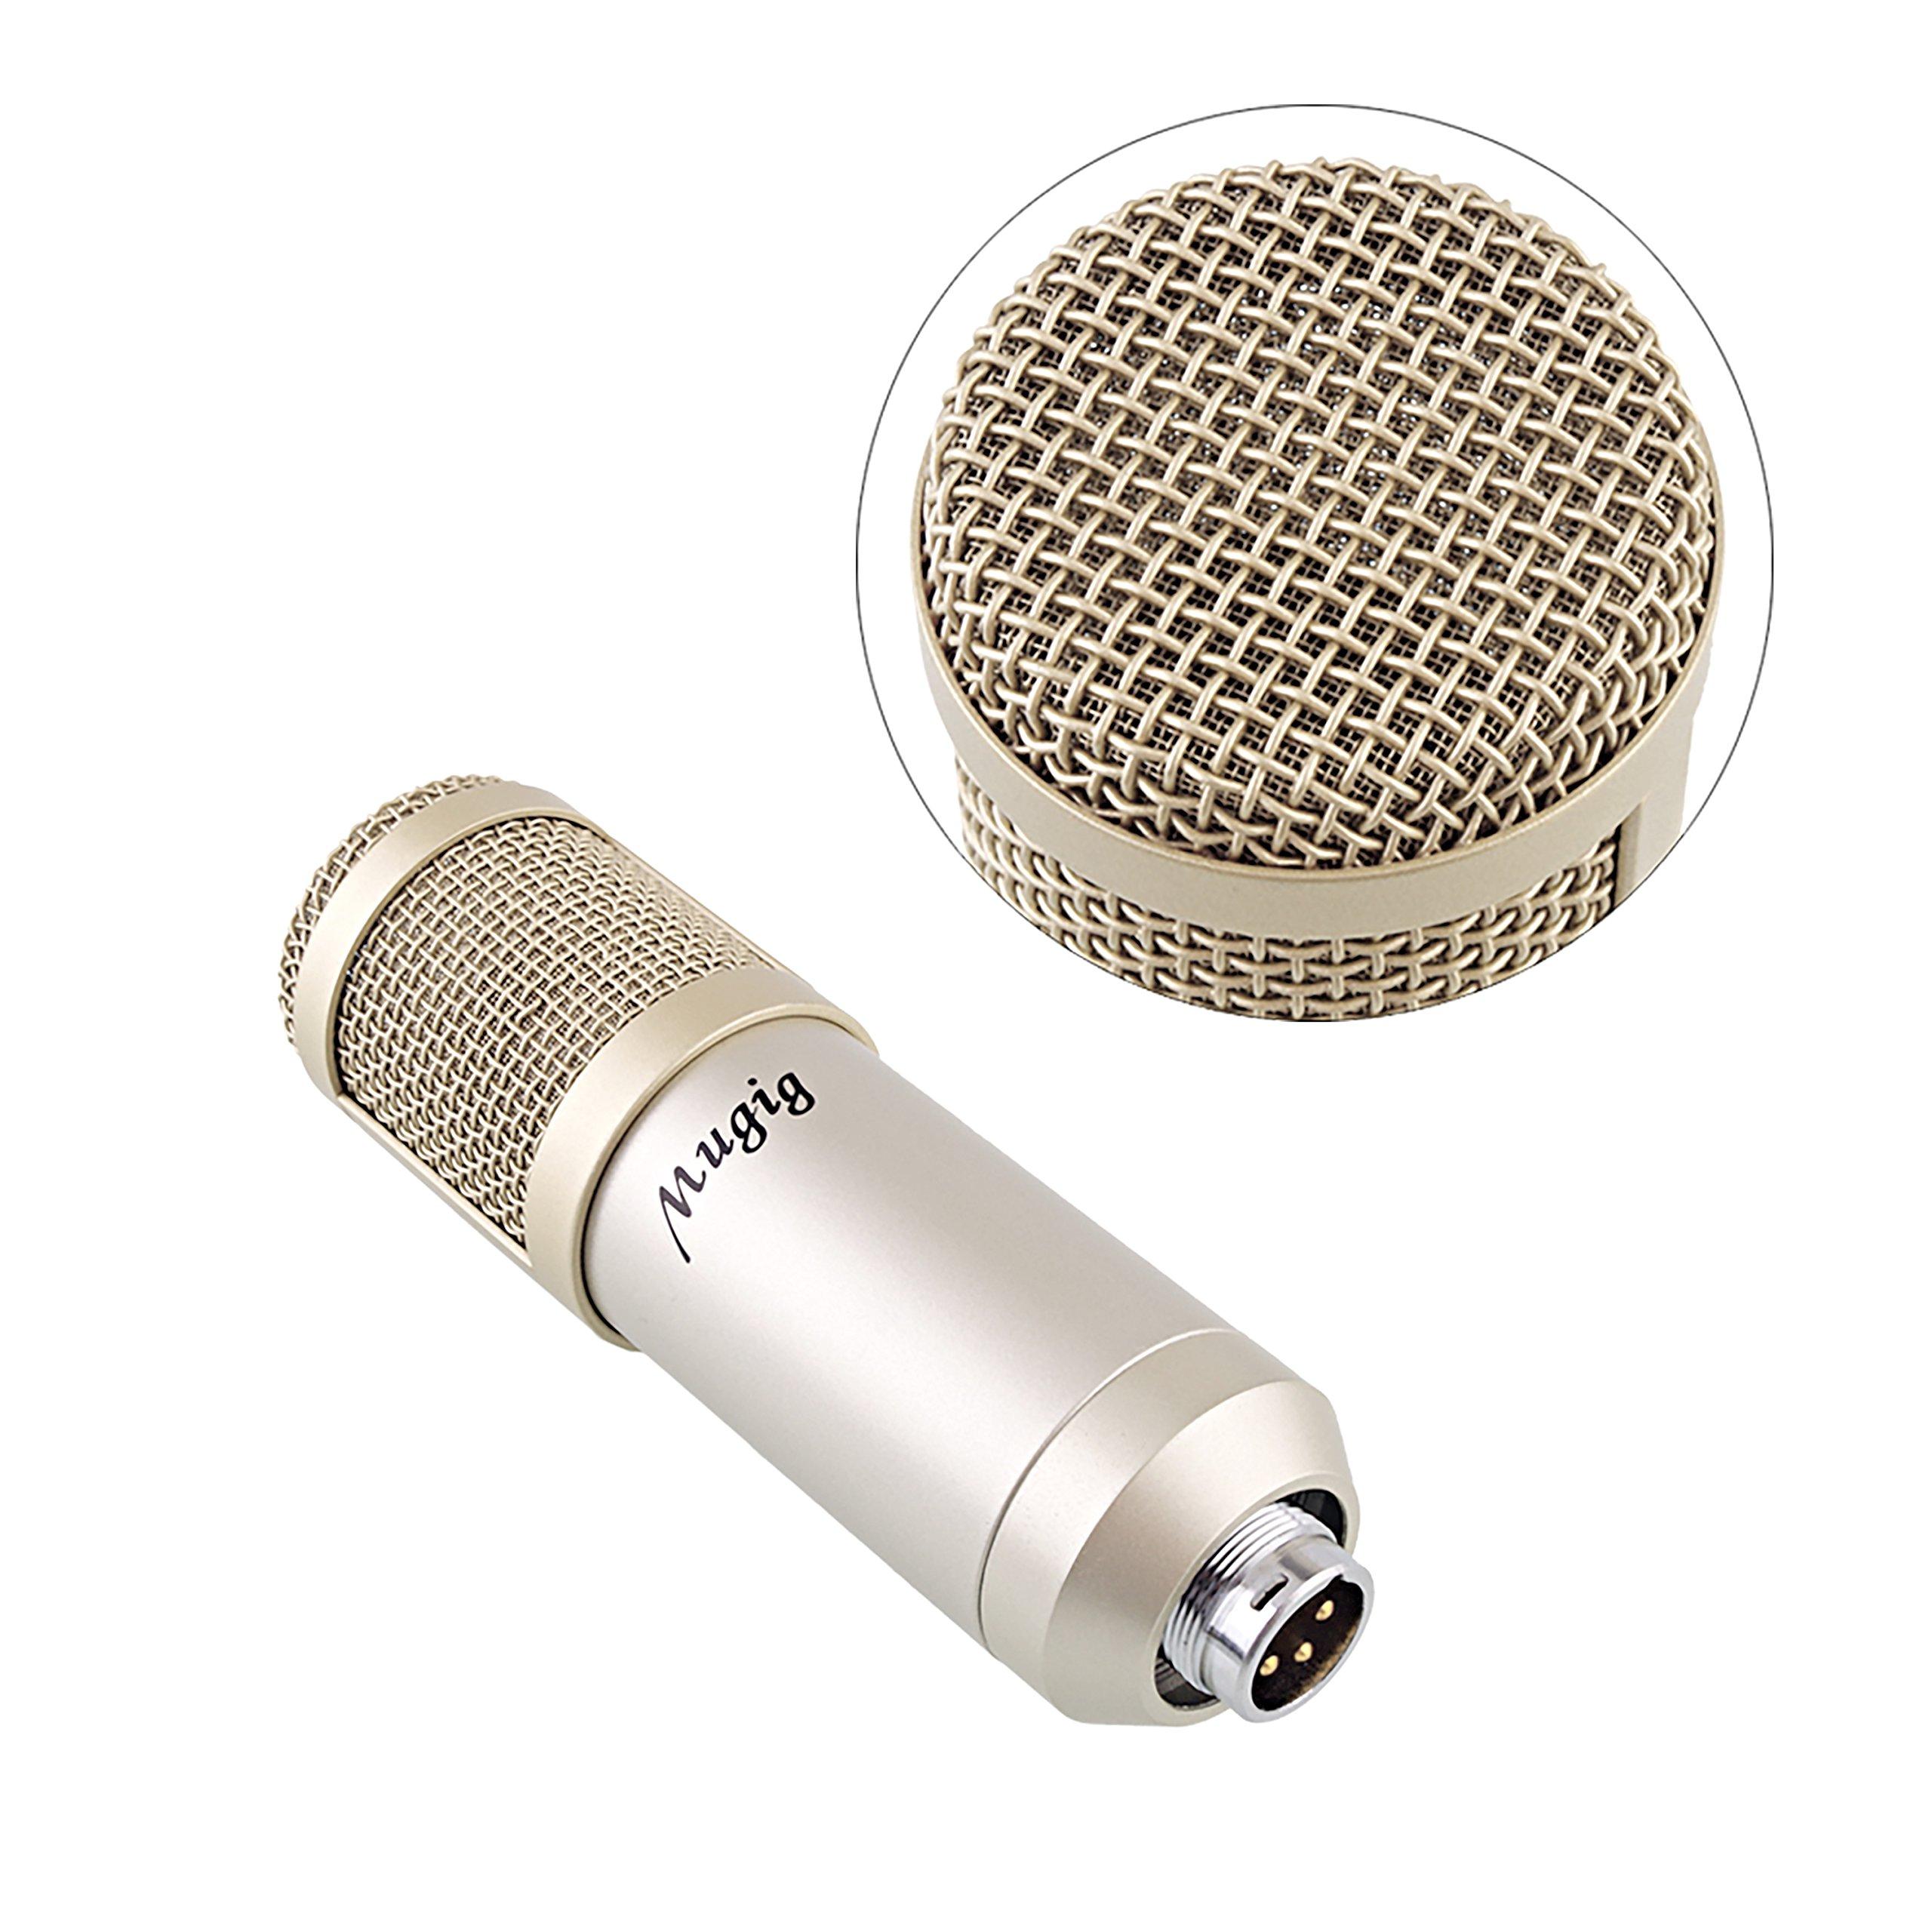 MugigKondensator Mikrofon Professionell Studio Rundfunk Aufnahme Kit Aussetzung Ständer mit Mikrofon und zwei verschieden Popschutz